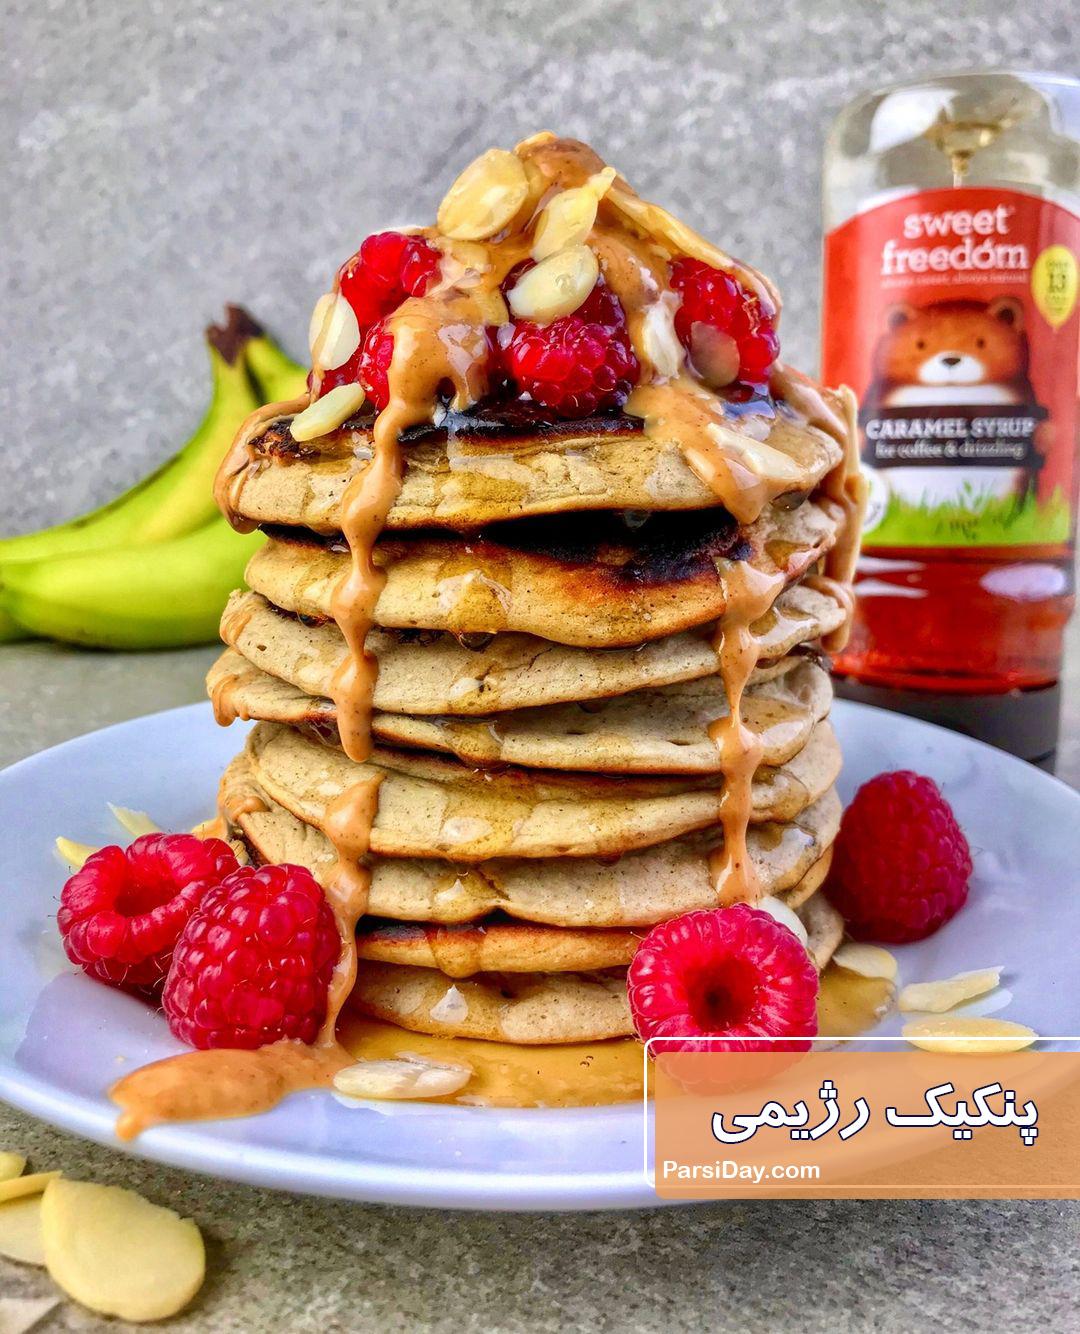 طرز تهیه پنکیک رژیمی خوشمزه و ساده با جو پرک و موز بدون شکر